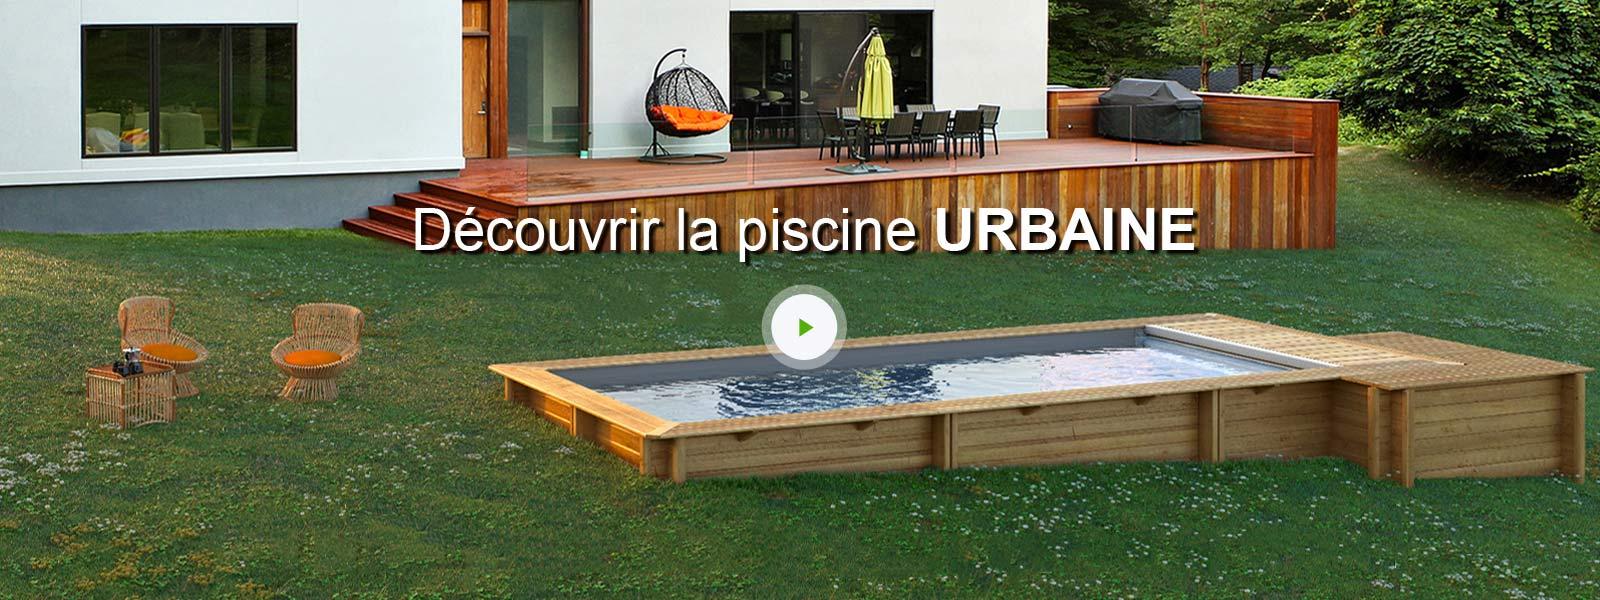 Piscine hors sol bois urbaine proswell by procopi l 6 x l for Piscine bois enterree leroy merlin